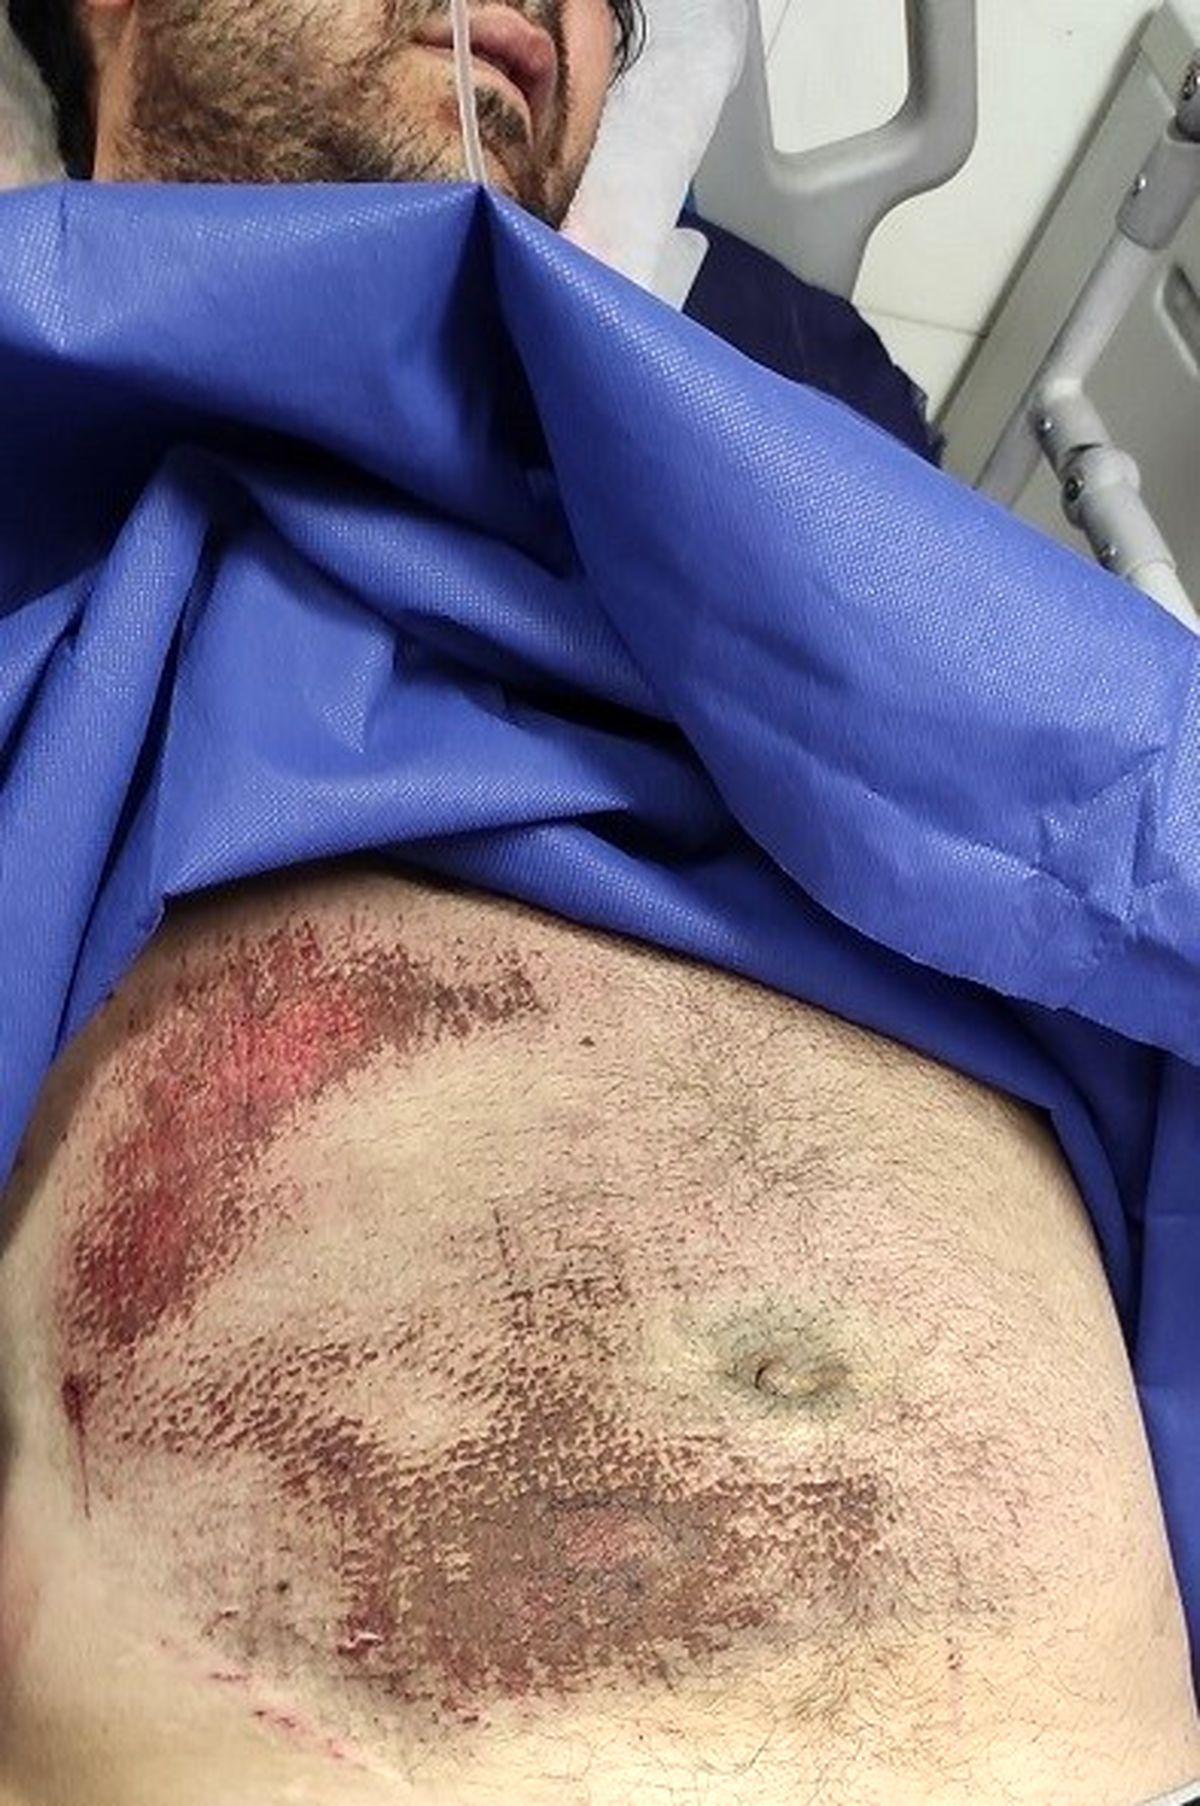 اولین عکس از عکاس خبری مجروح در بیمارستان + عکس